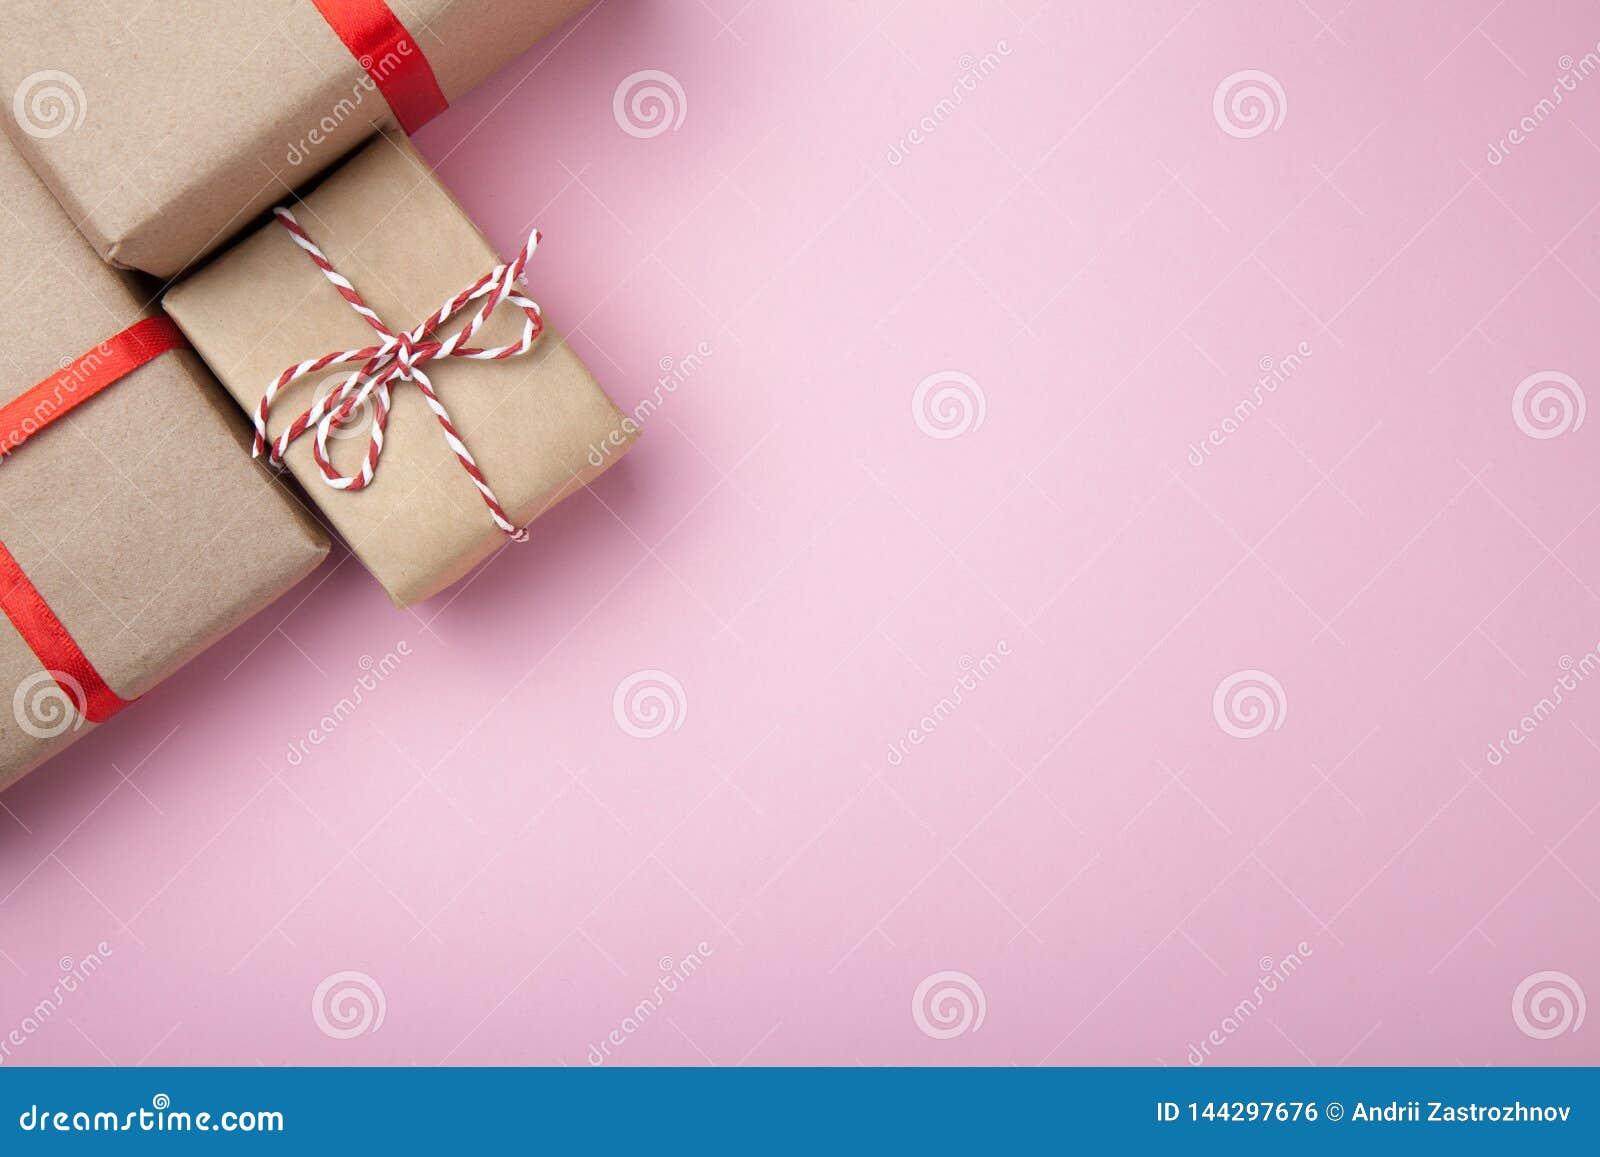 礼物欢乐箱子 生日礼物 o o